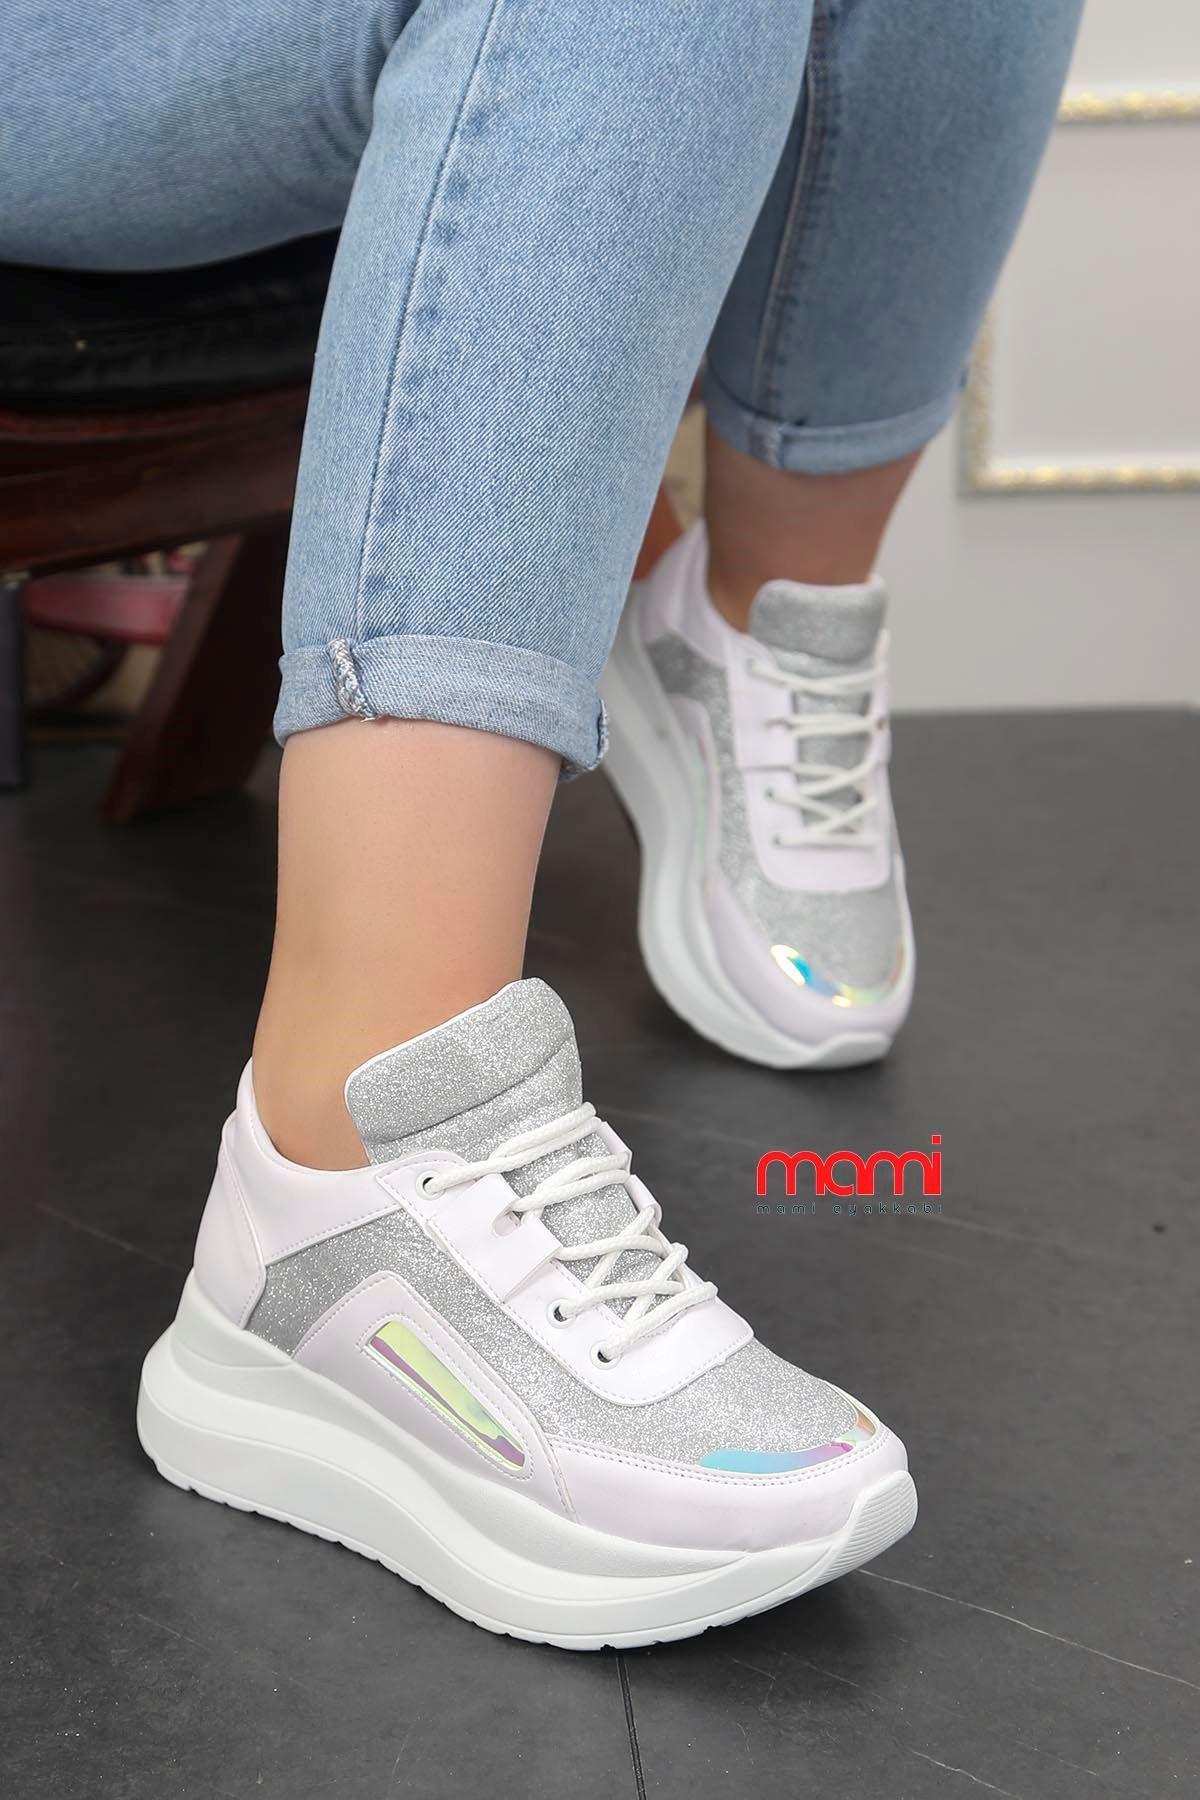 Frm-6561 Dolgu Taban Spor Ayakkabı Beyaz